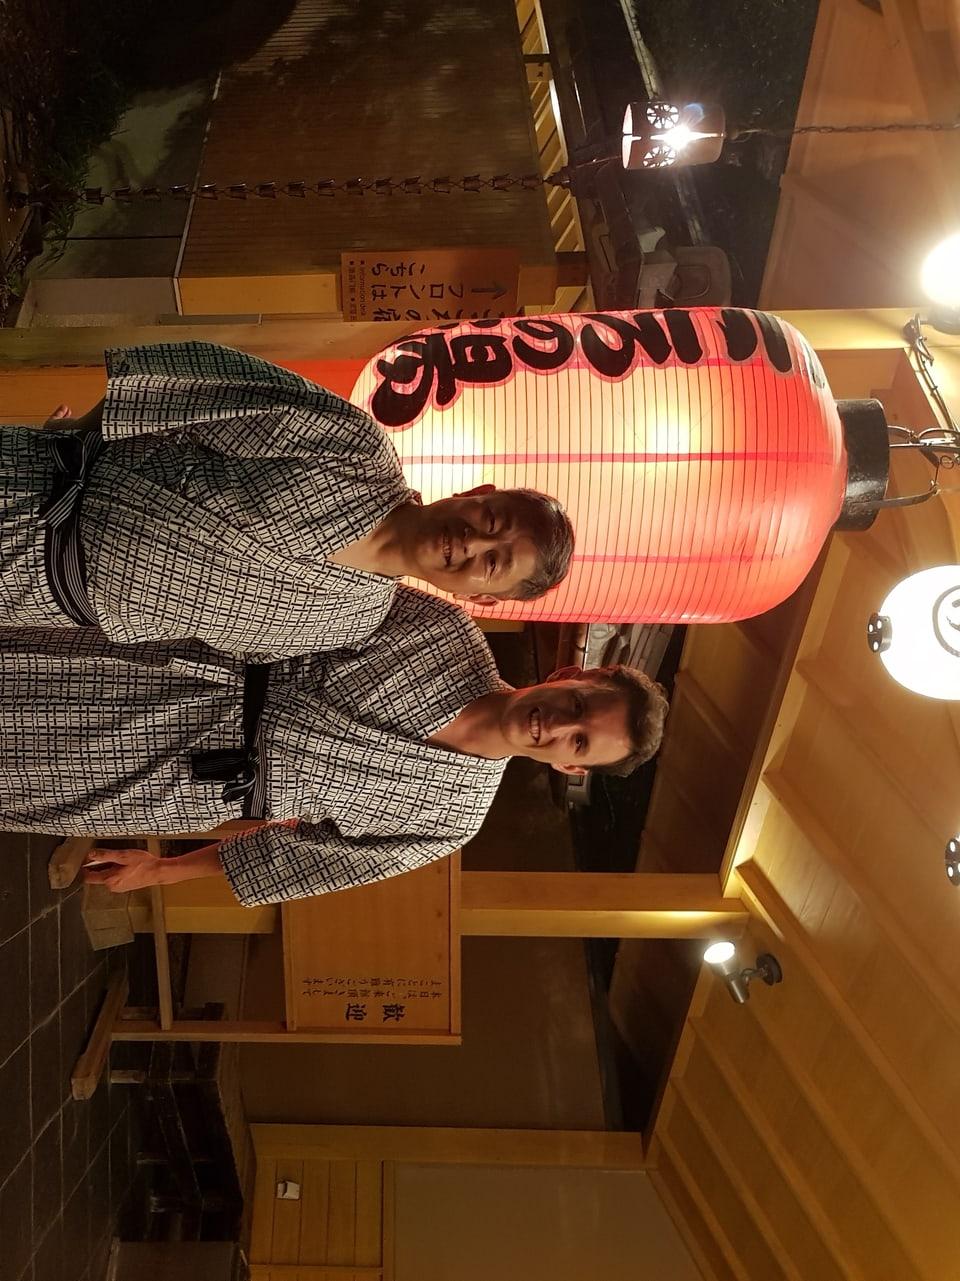 Der Protagonist Guy Estoppey posiert in einem Kimono mit einem Japaner für das Foto.